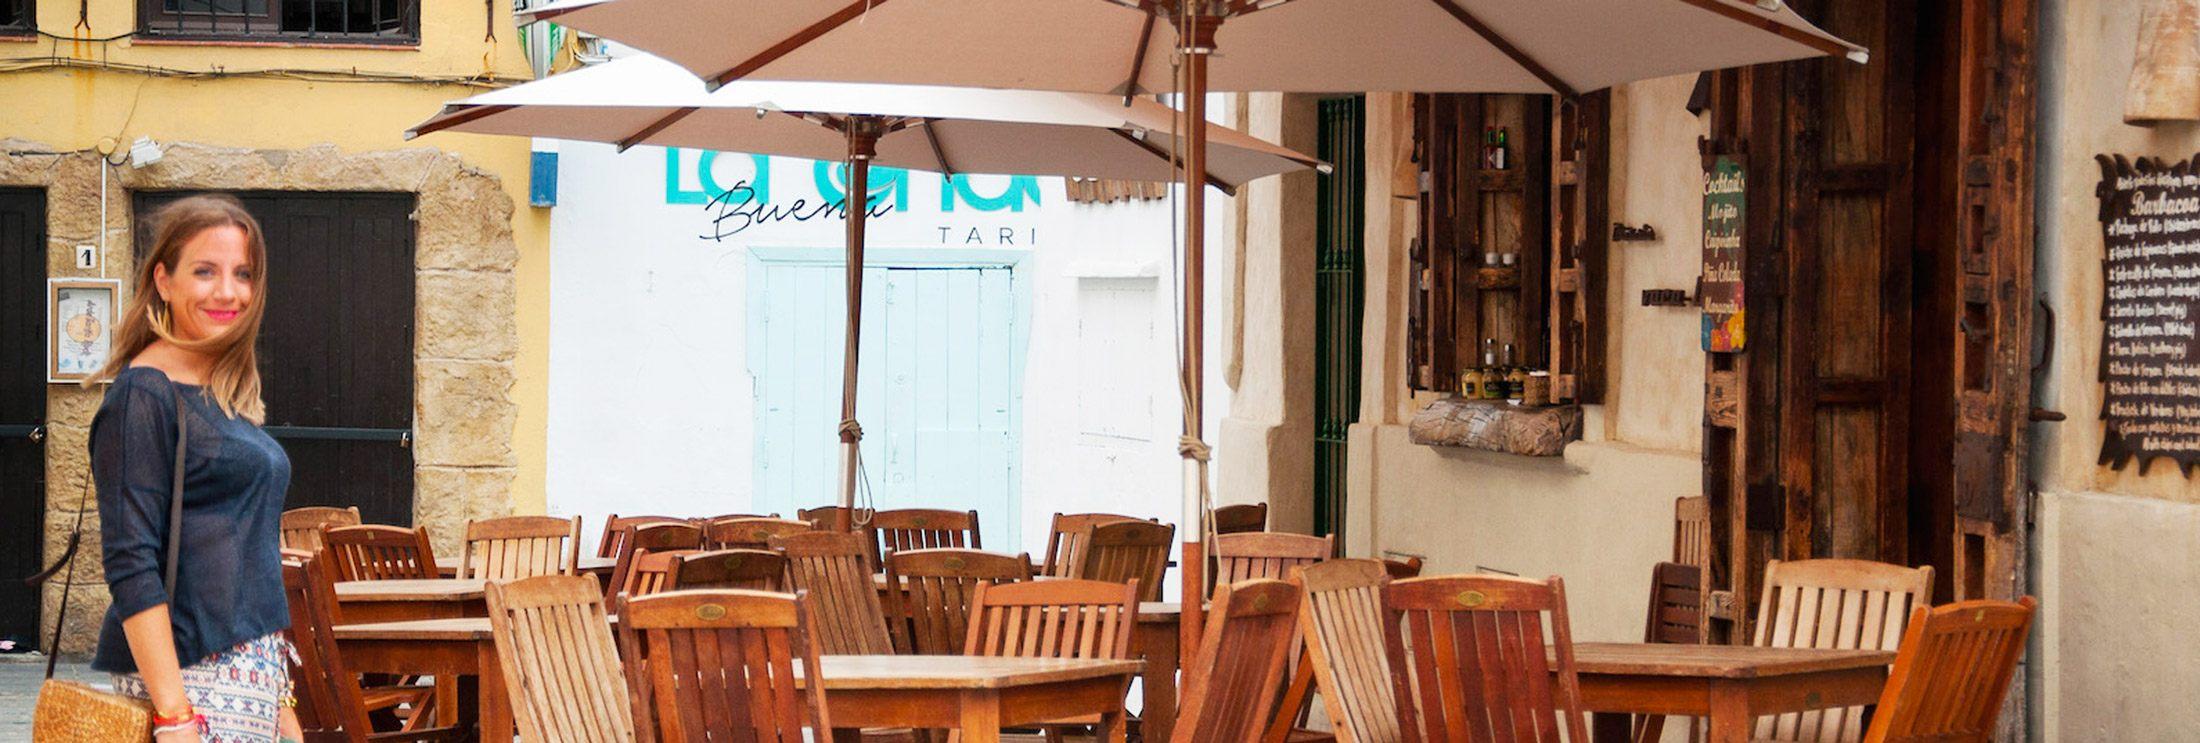 Vaca Loca, Tarifa Steak House-Restaurant-Iberian-Meat